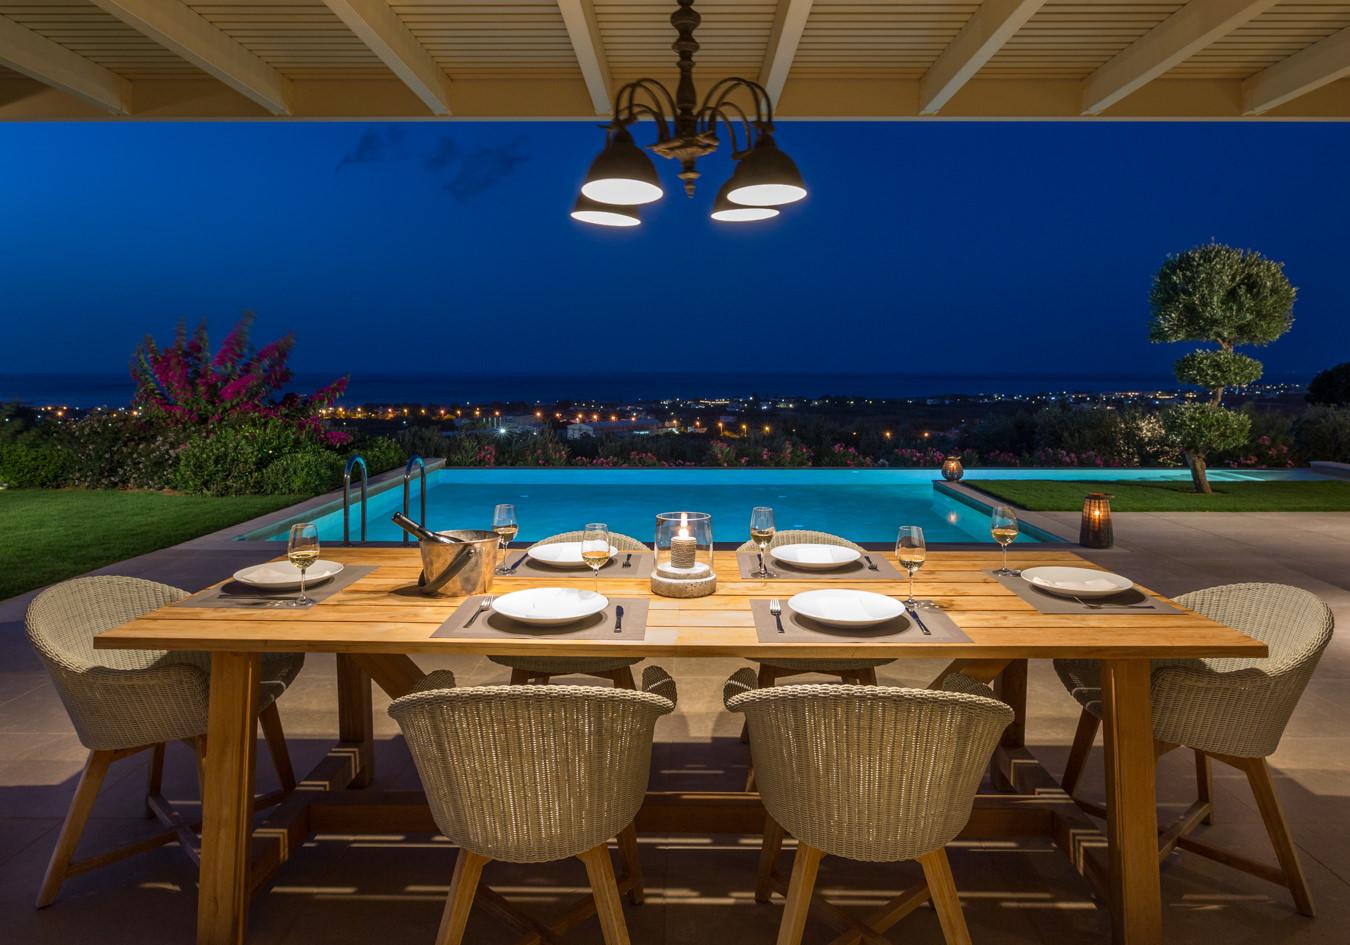 Villa Ianira, Crete, Γιώργος Φάκαρος - Αρχιτεκτονική Φωτογραφία | Εσωτερικοί Χώροι | Φωτογραφία Ξενοδοχειών - Photography / Φωτογραφία